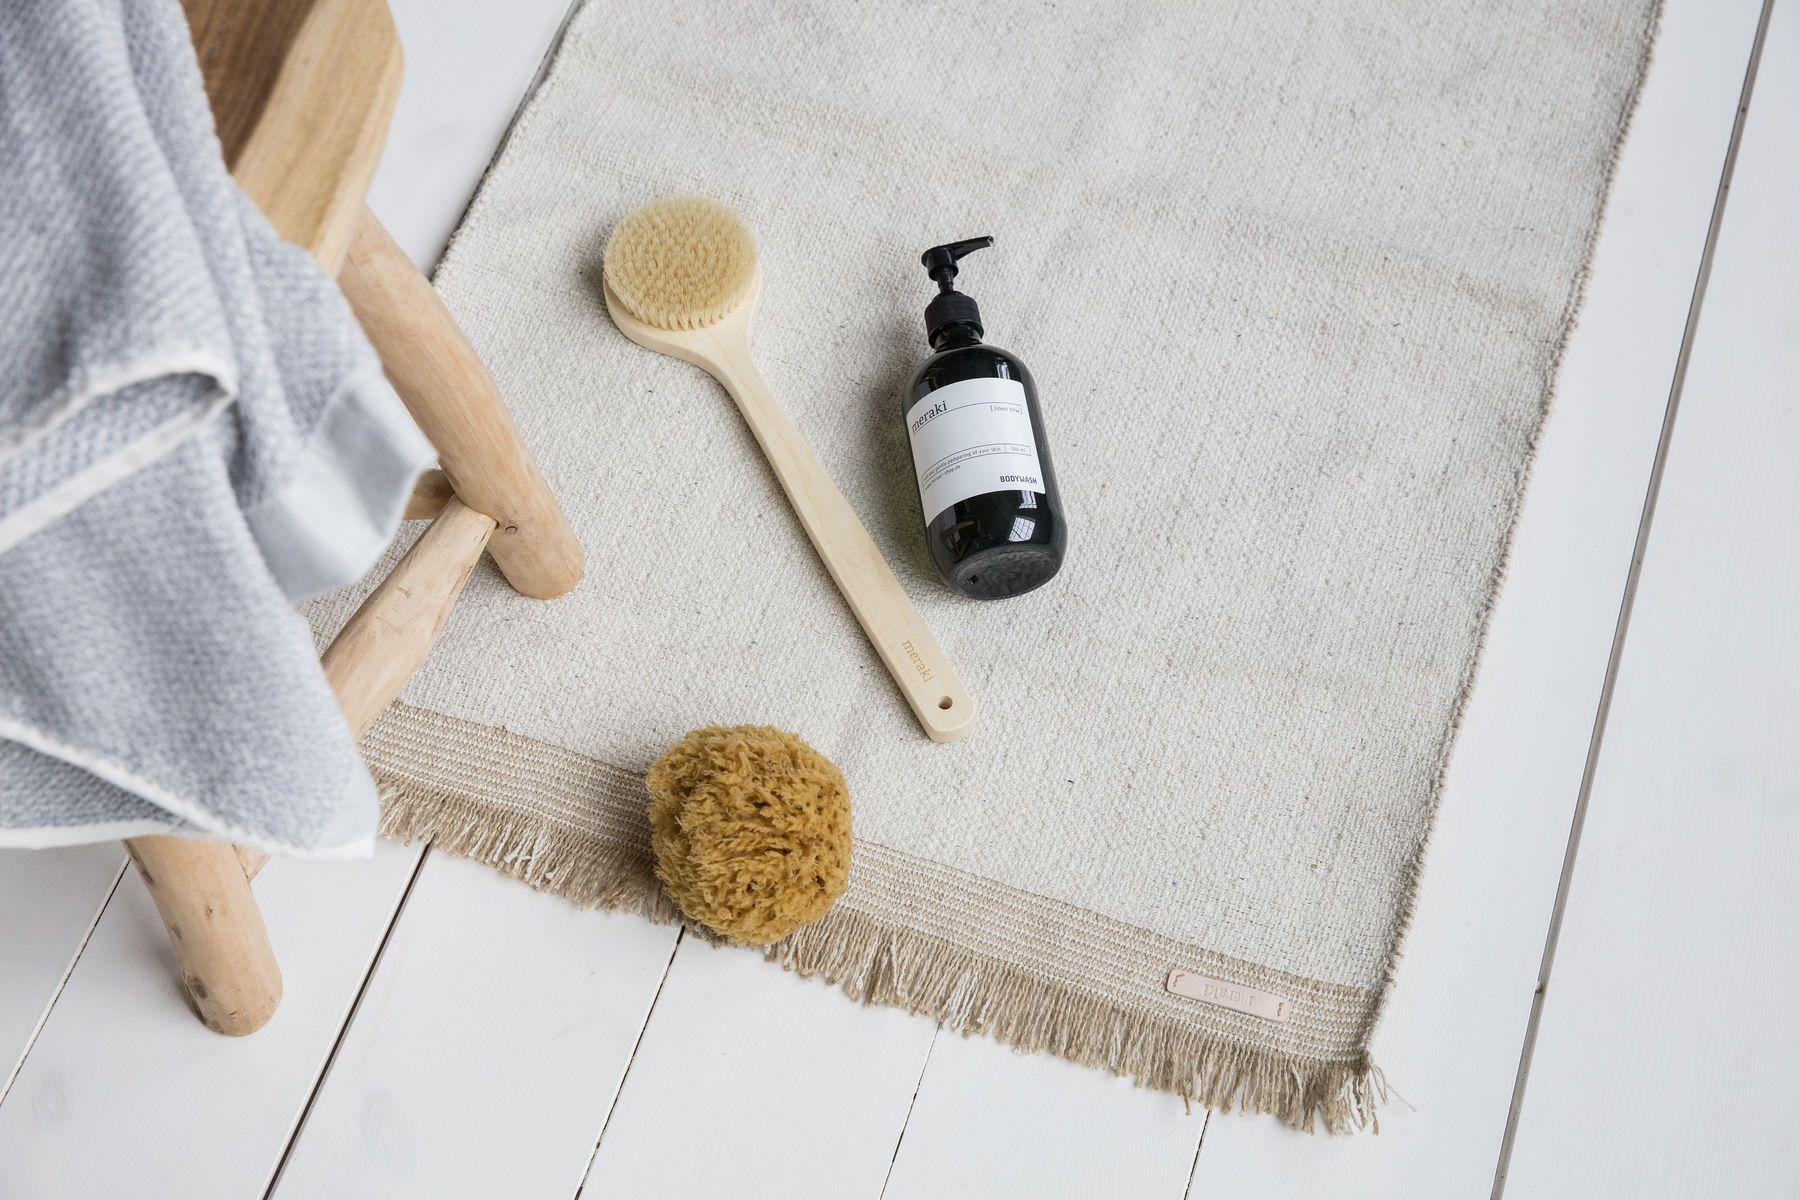 Schoner Teppich Fur Das Badezimmer Von Meraki Der Teppich Ist Aus Einer Kombination Aus 60 Baumwolle Und 40 Jute Gefe Dekoration Schone Teppiche Sofa Design